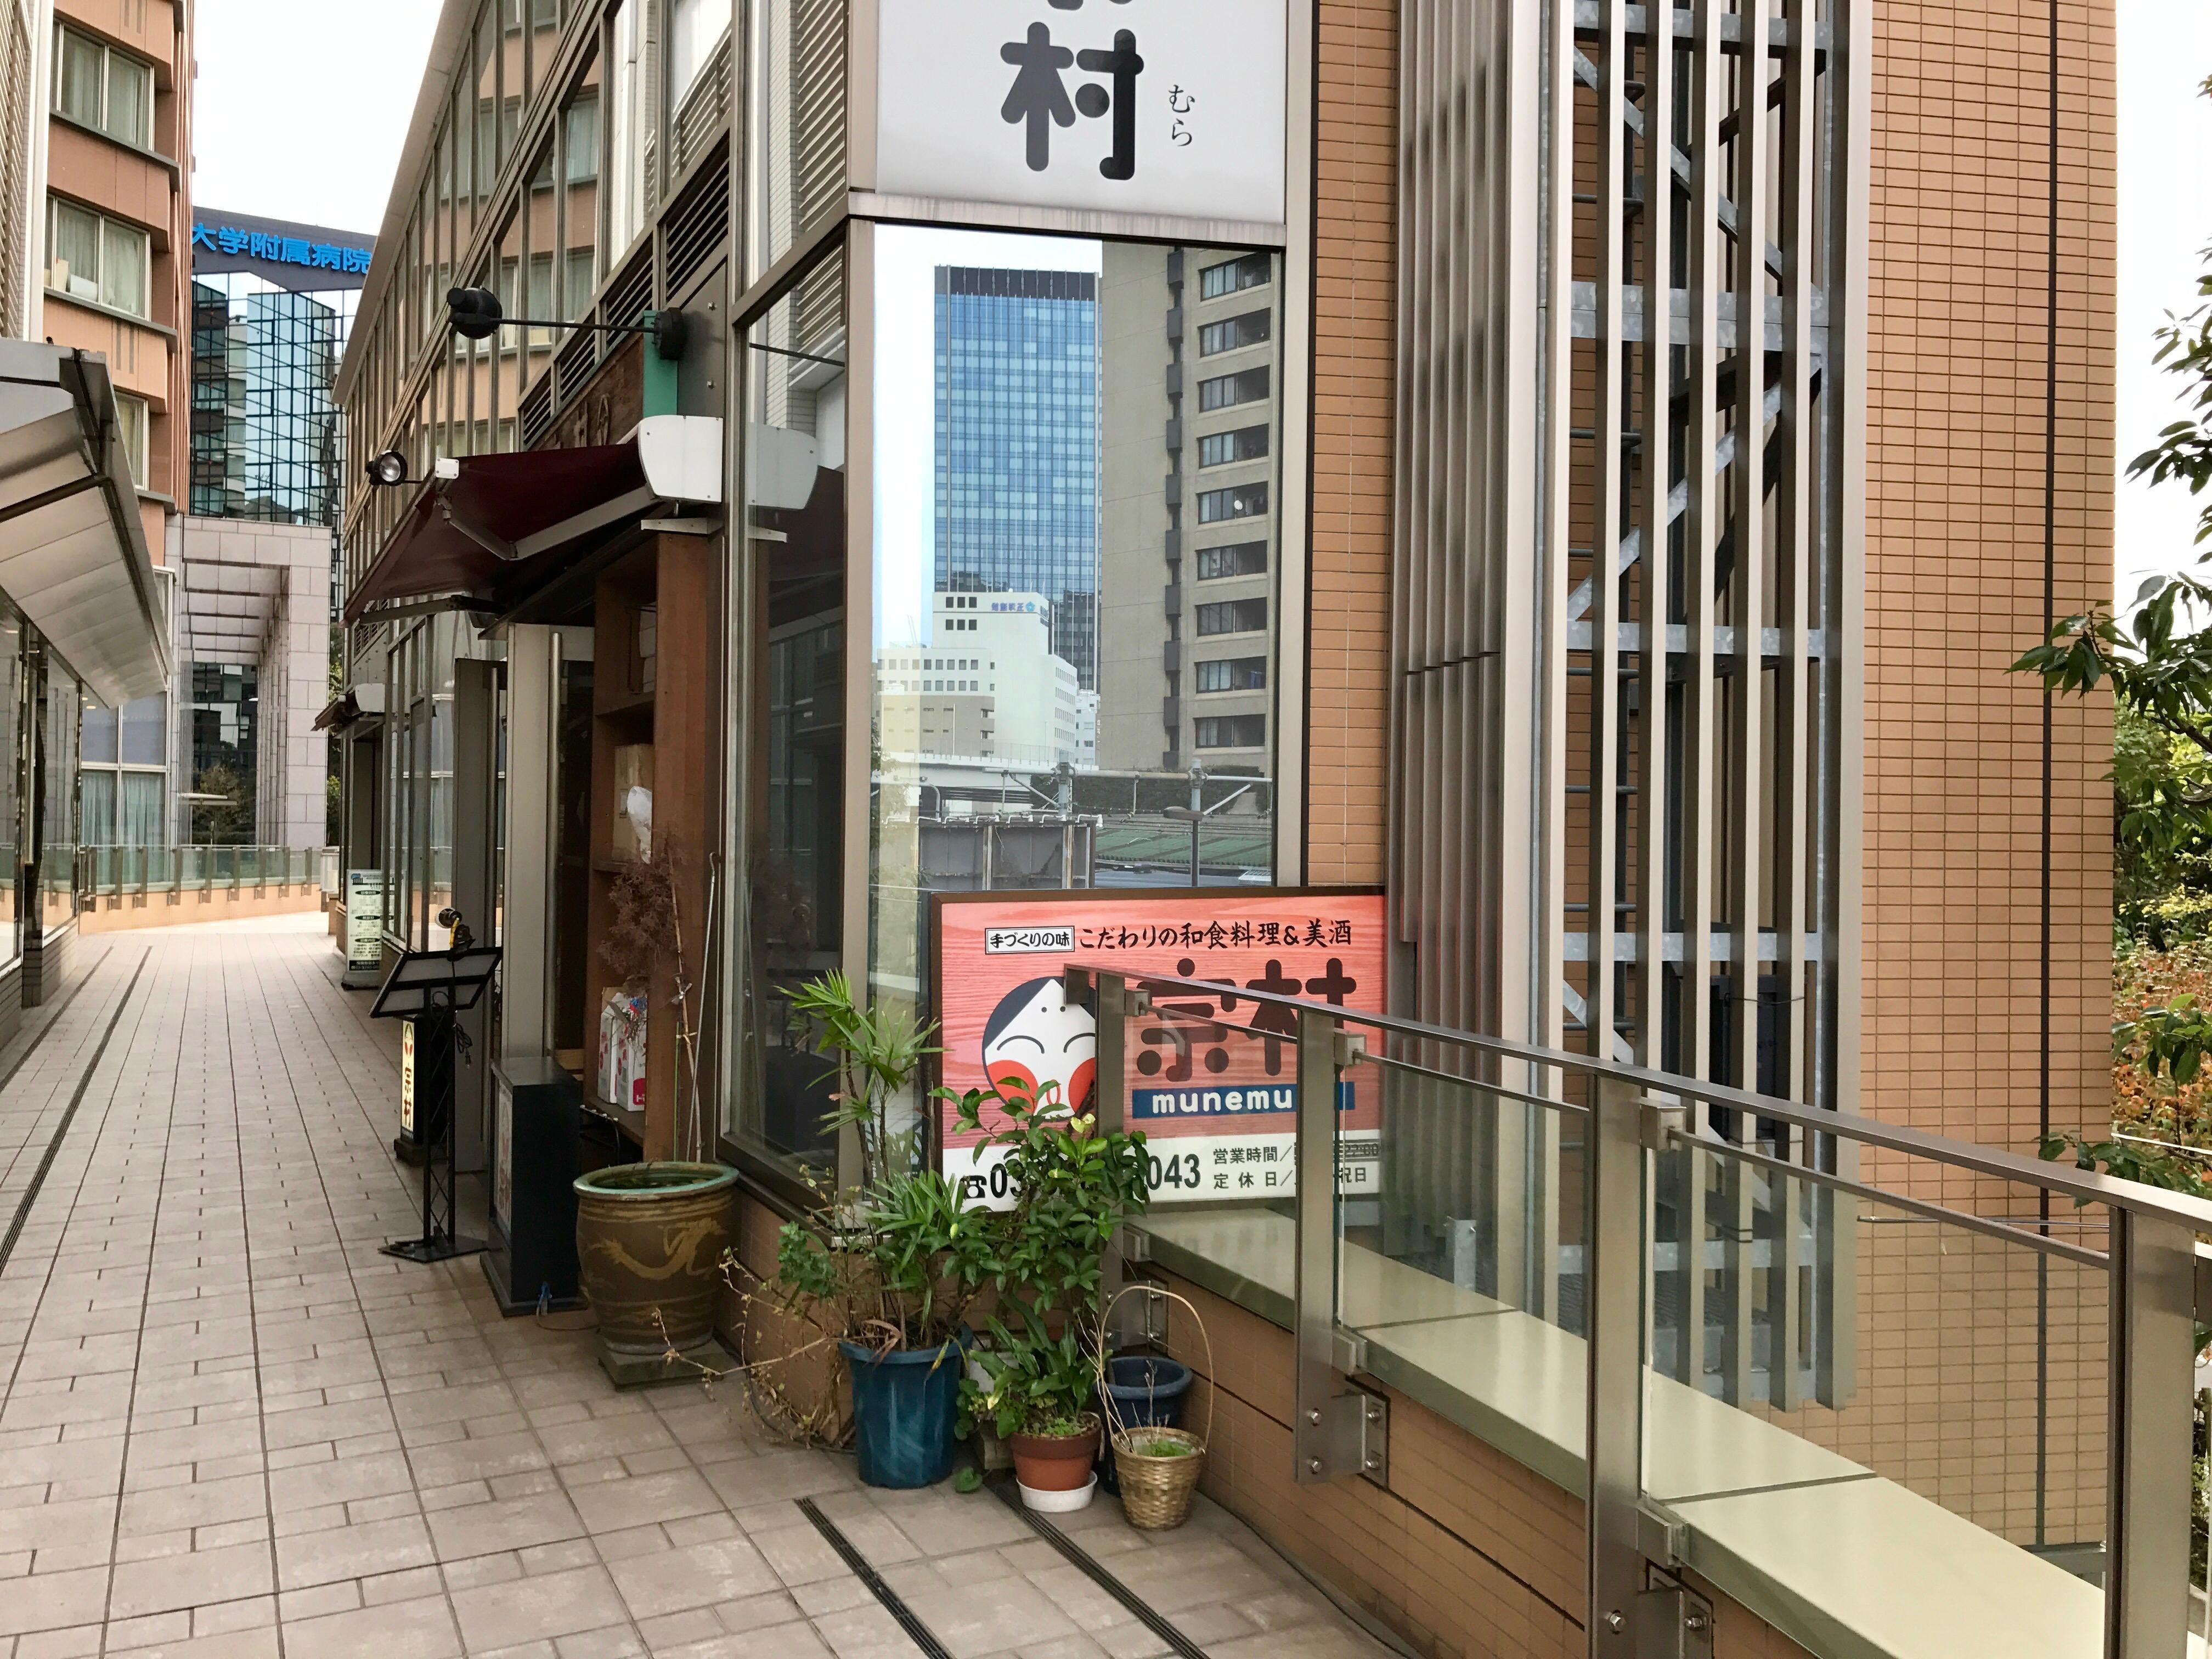 365 Jours de Tokyo: Day 10